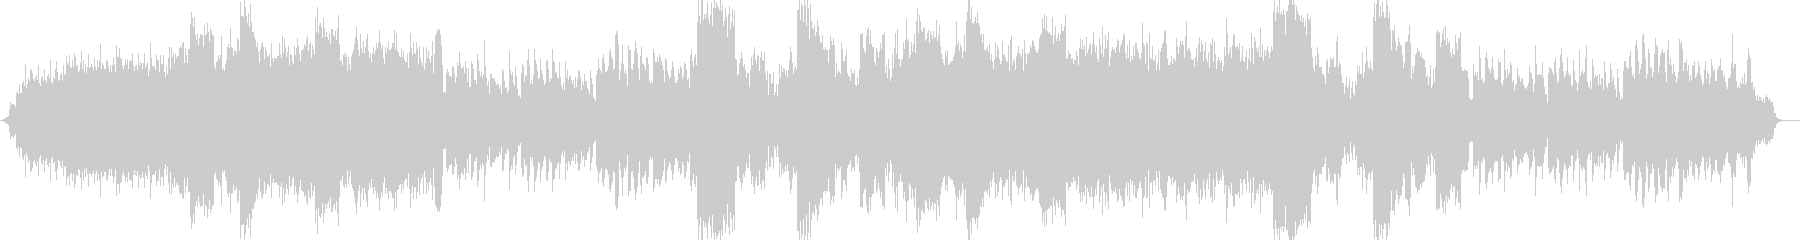 ドラマチックなシンセサイザー和風ポップスの未再生の波形